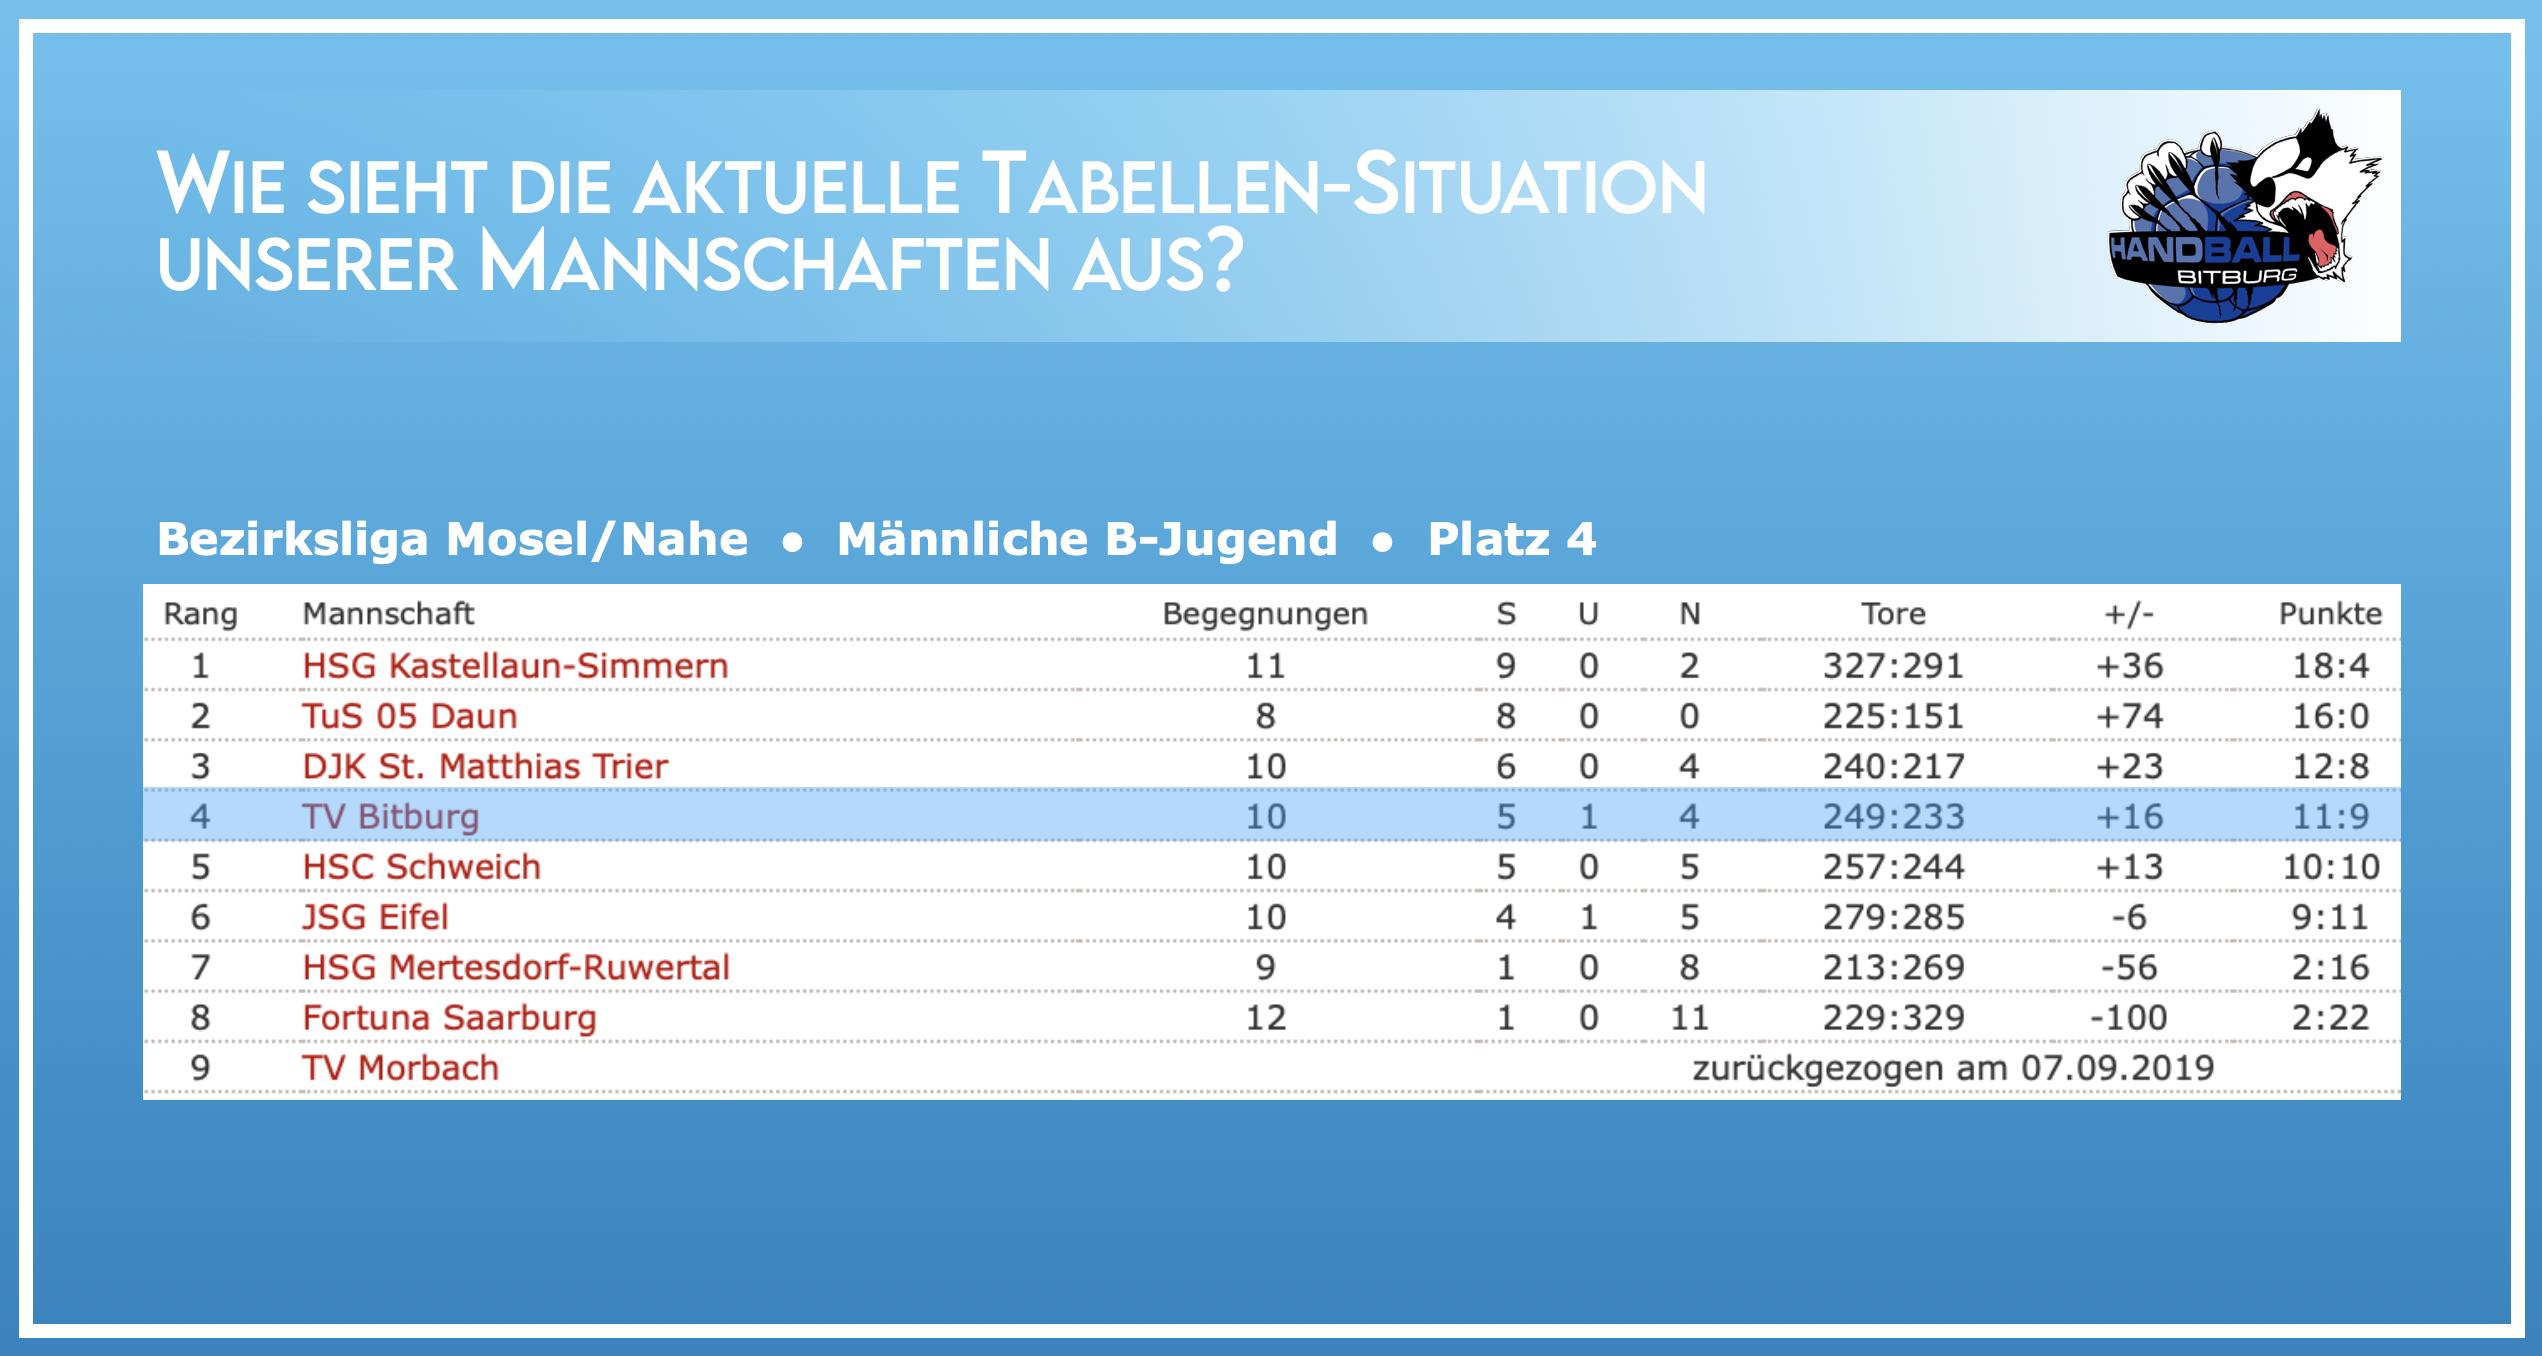 Aktuelle Tabellen-Situation der männlichen B-Jugend